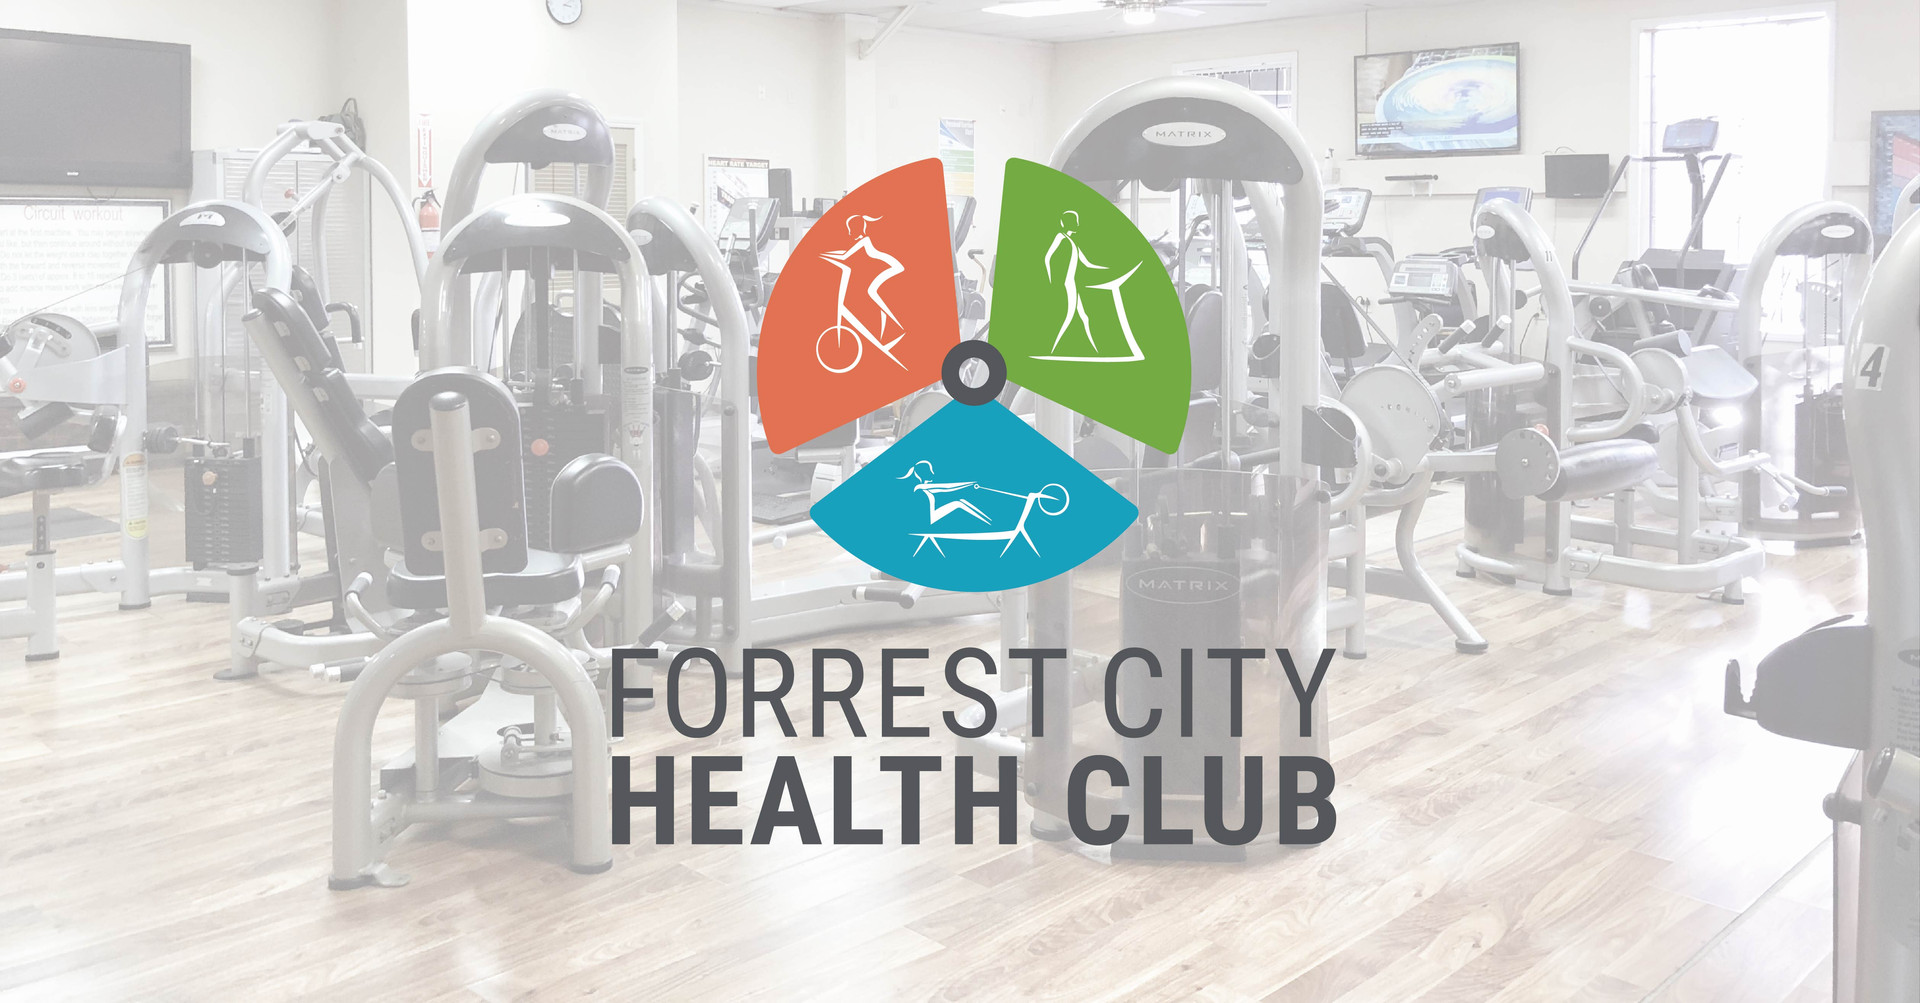 Forrest City Health Club